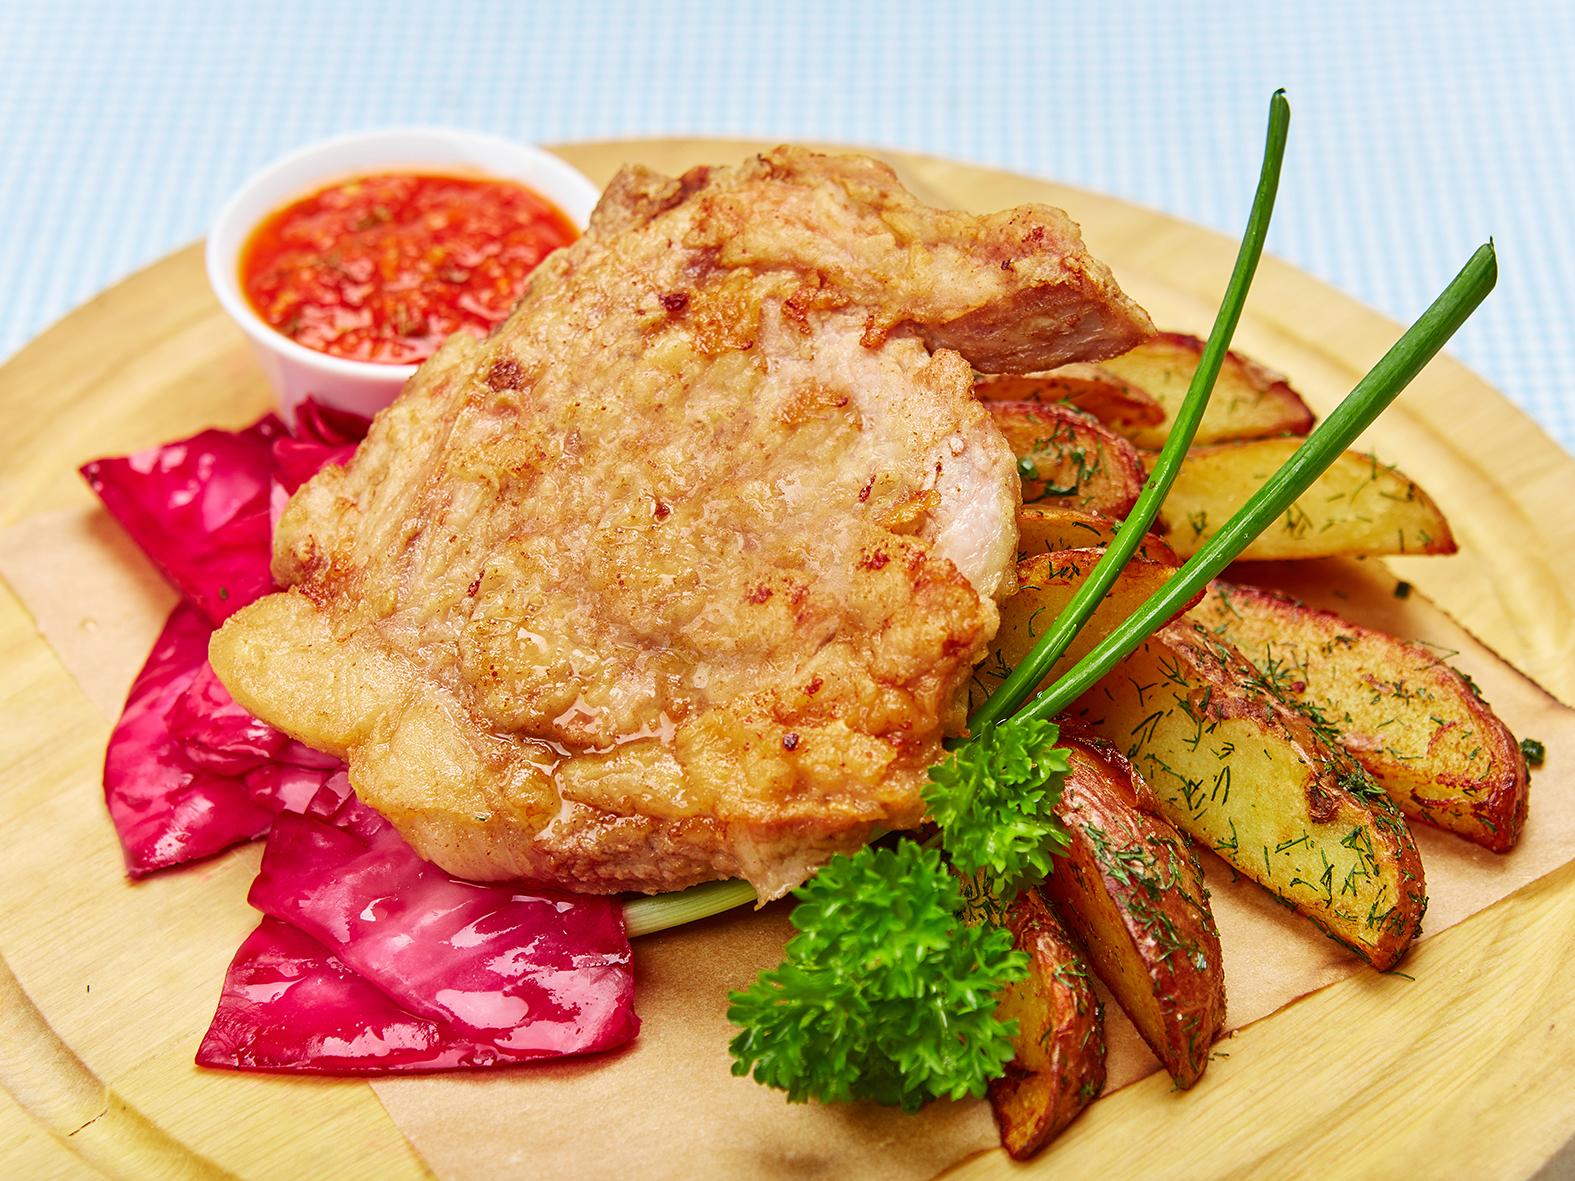 Свинина на кости в кляре с картофелем по-деревенски и маринованной капустой